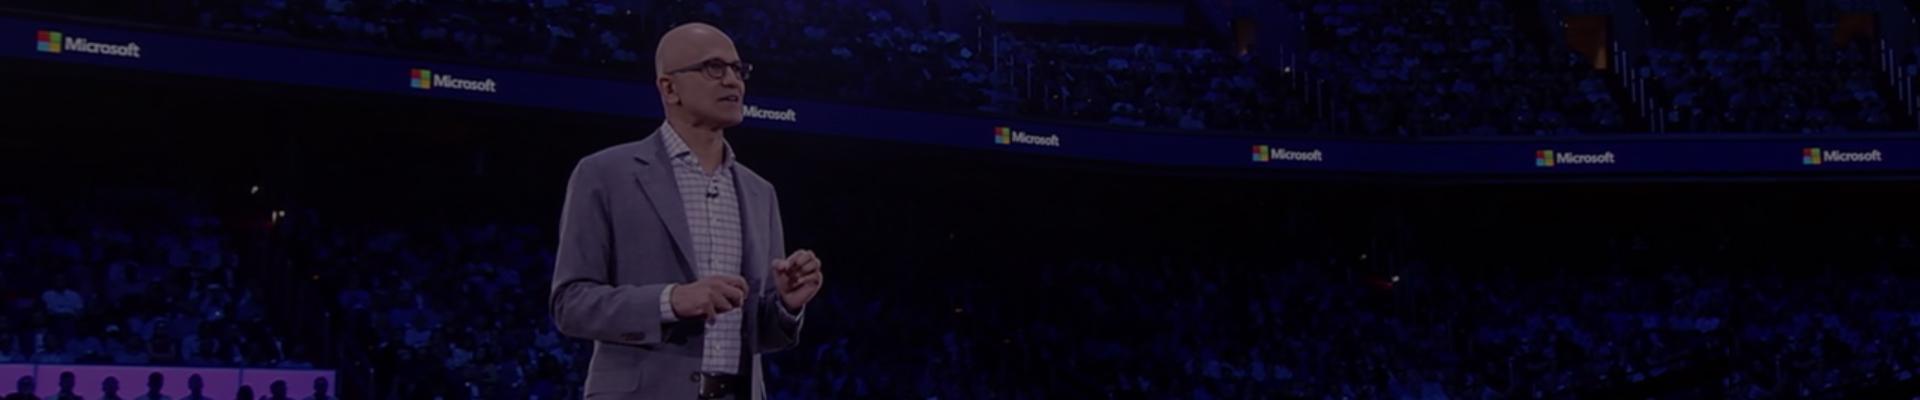 Смотреть анонс Microsoft365 от Сатьи Наделлы